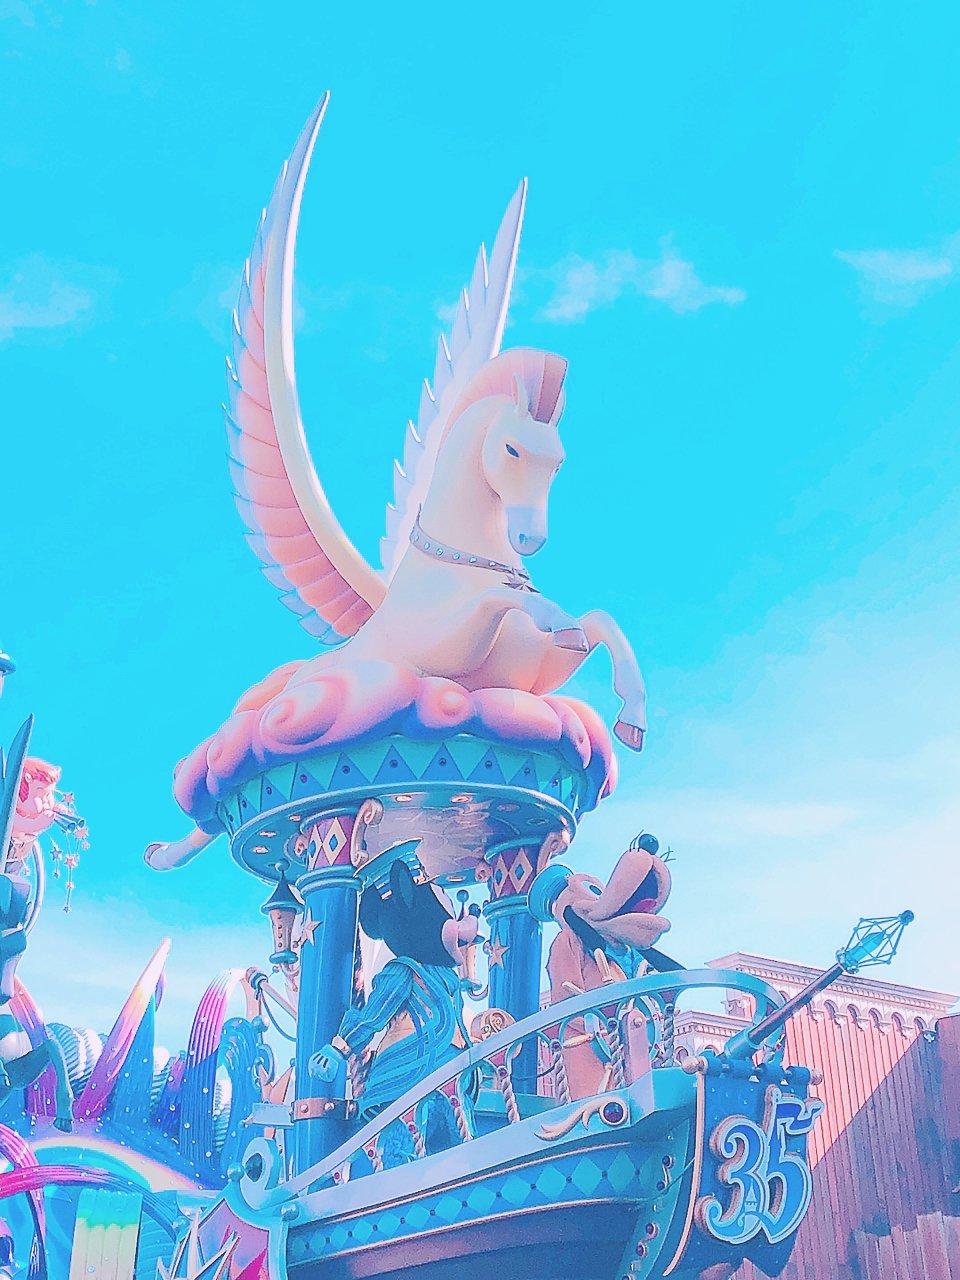 昨日は本当に楽しかった〜❤やっぱりあの夢と魔法の王国…